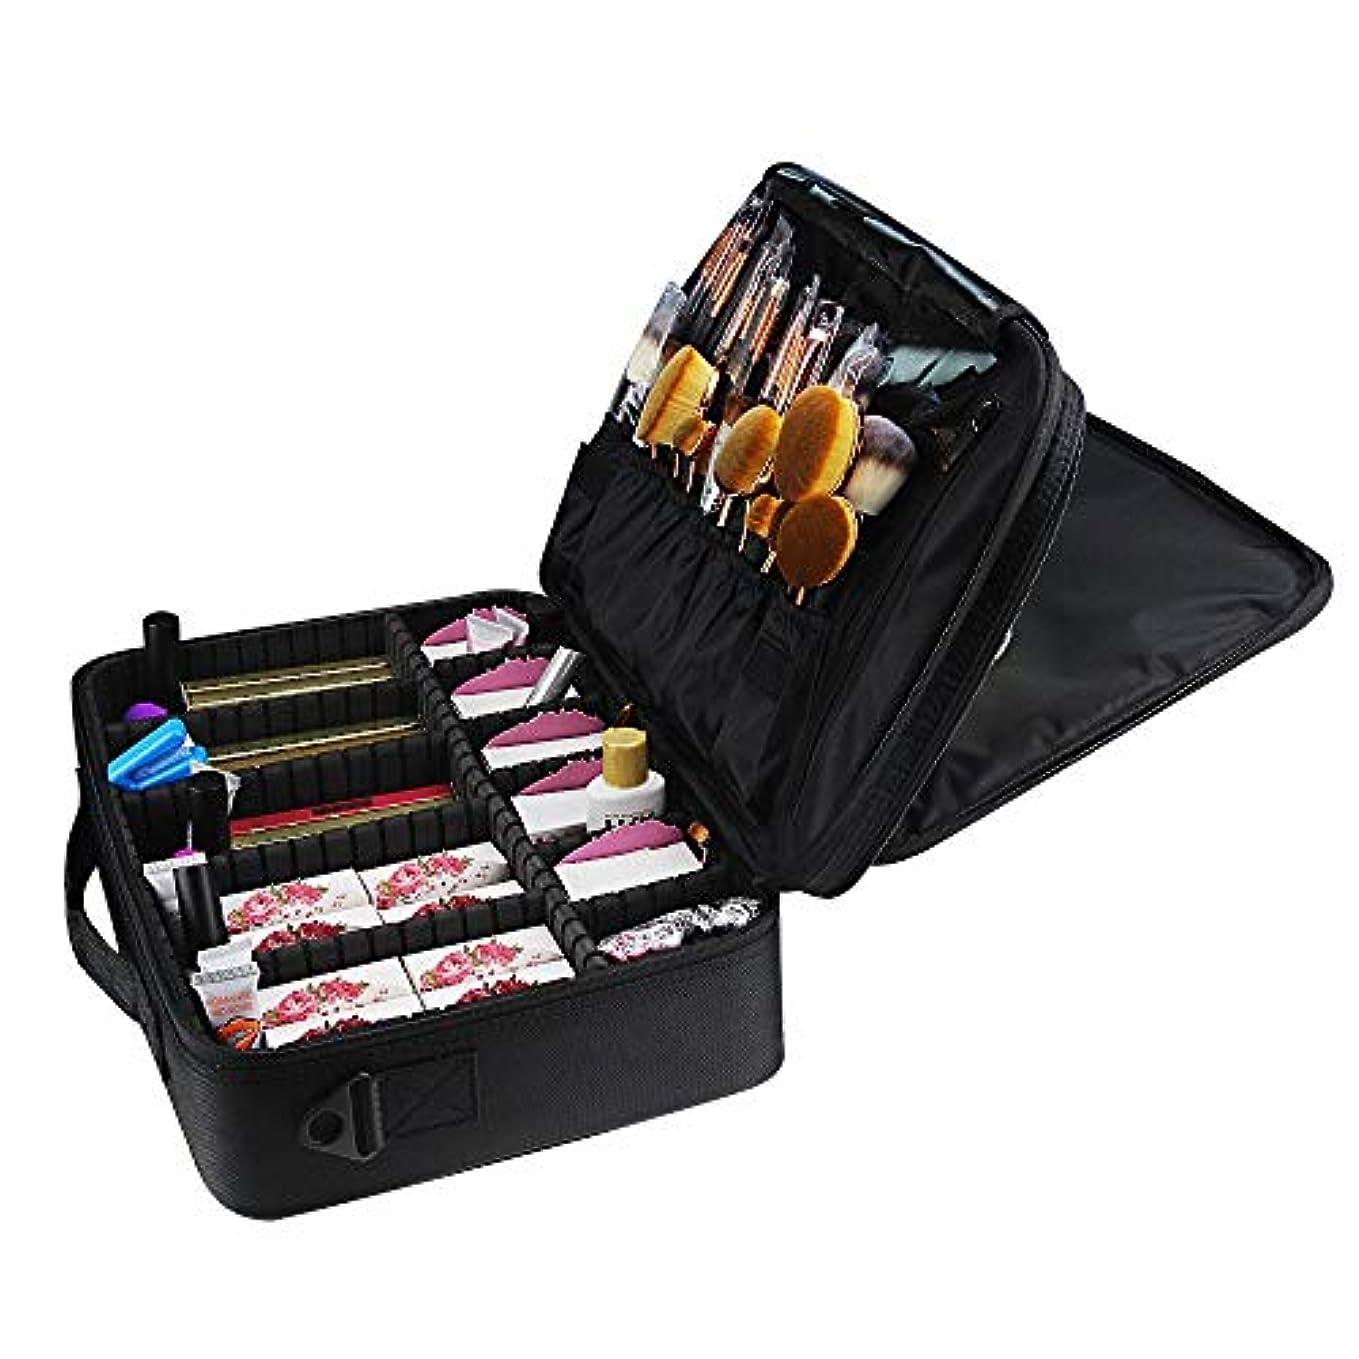 食事を調理する記述するはっきりしない化粧オーガナイザーバッグ メイクアップトラベルバッグストレージバッグ防水ミニメイクアップケース旅行旅行のための 化粧品ケース (色 : ブラック)